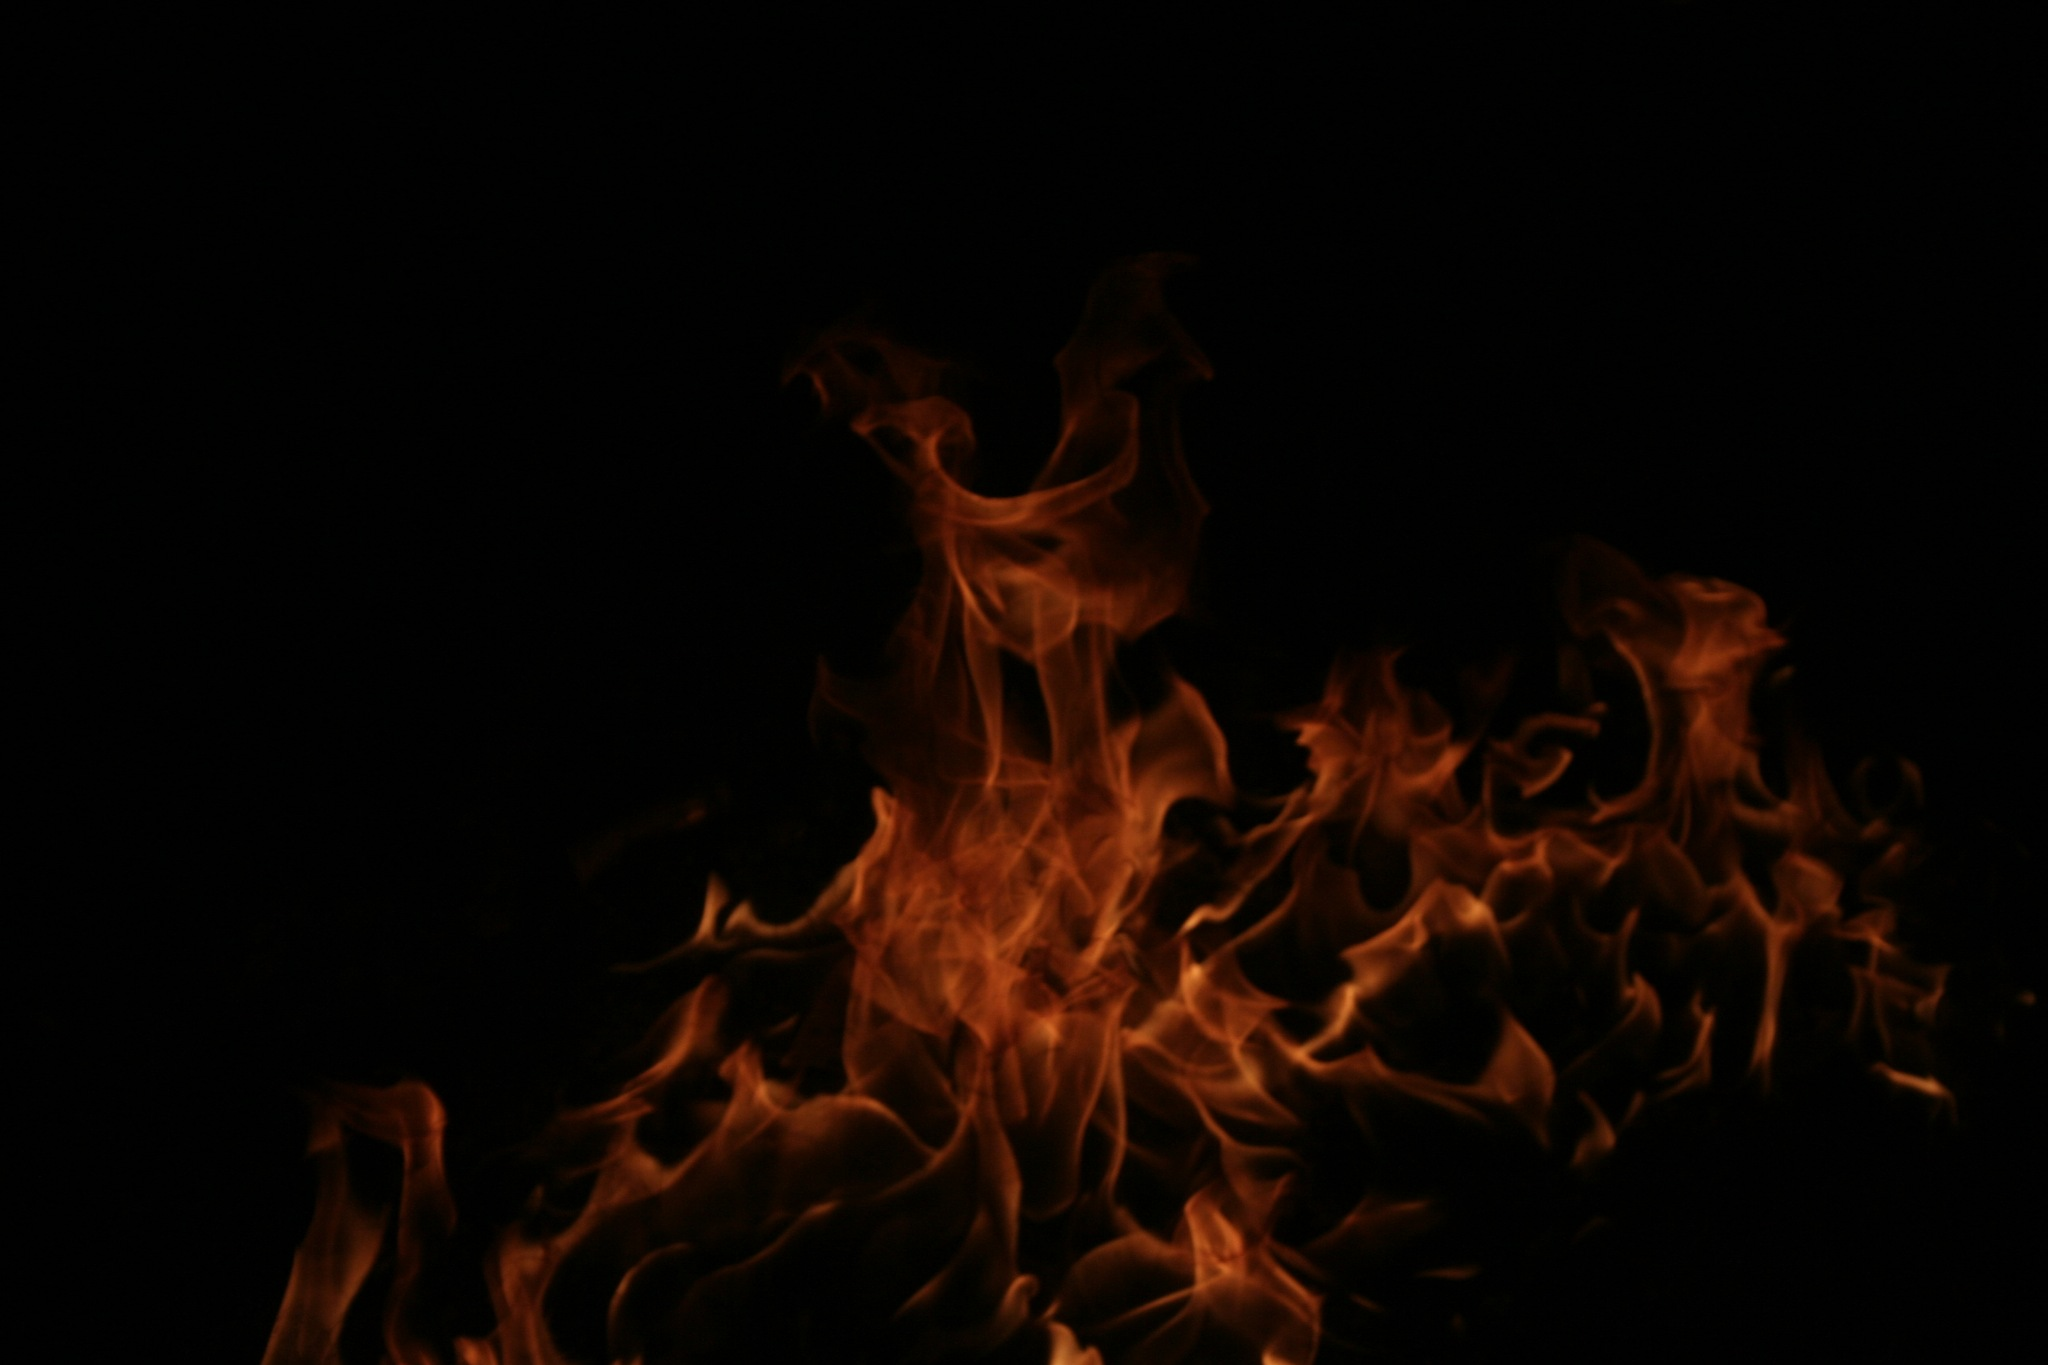 Fun with Flames VI by David O'Halloran